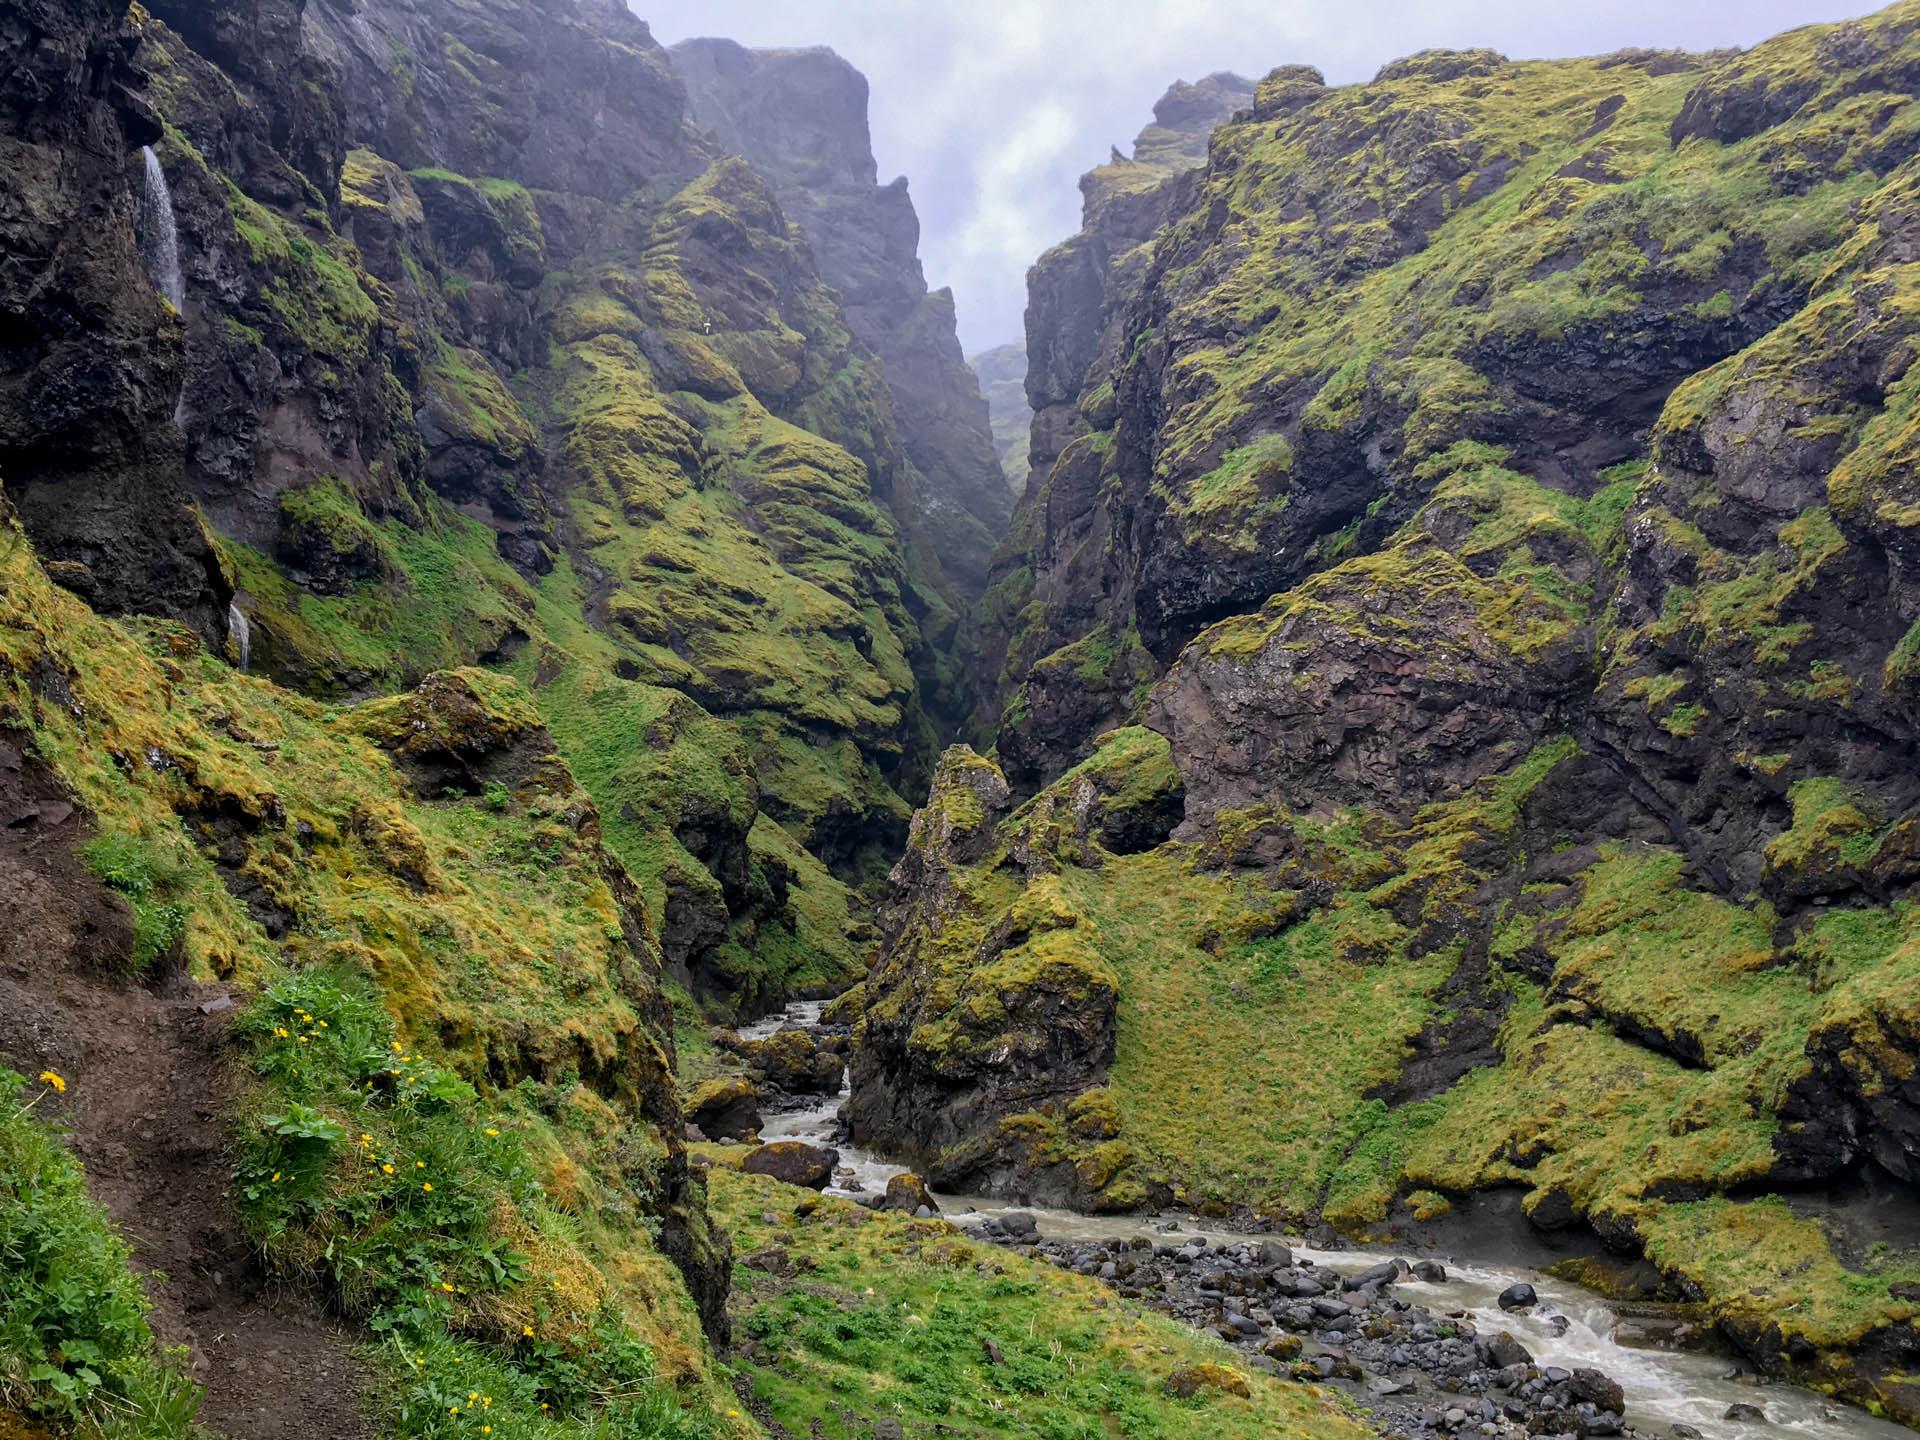 Kanion kawałek za basenem Seljavallalaug